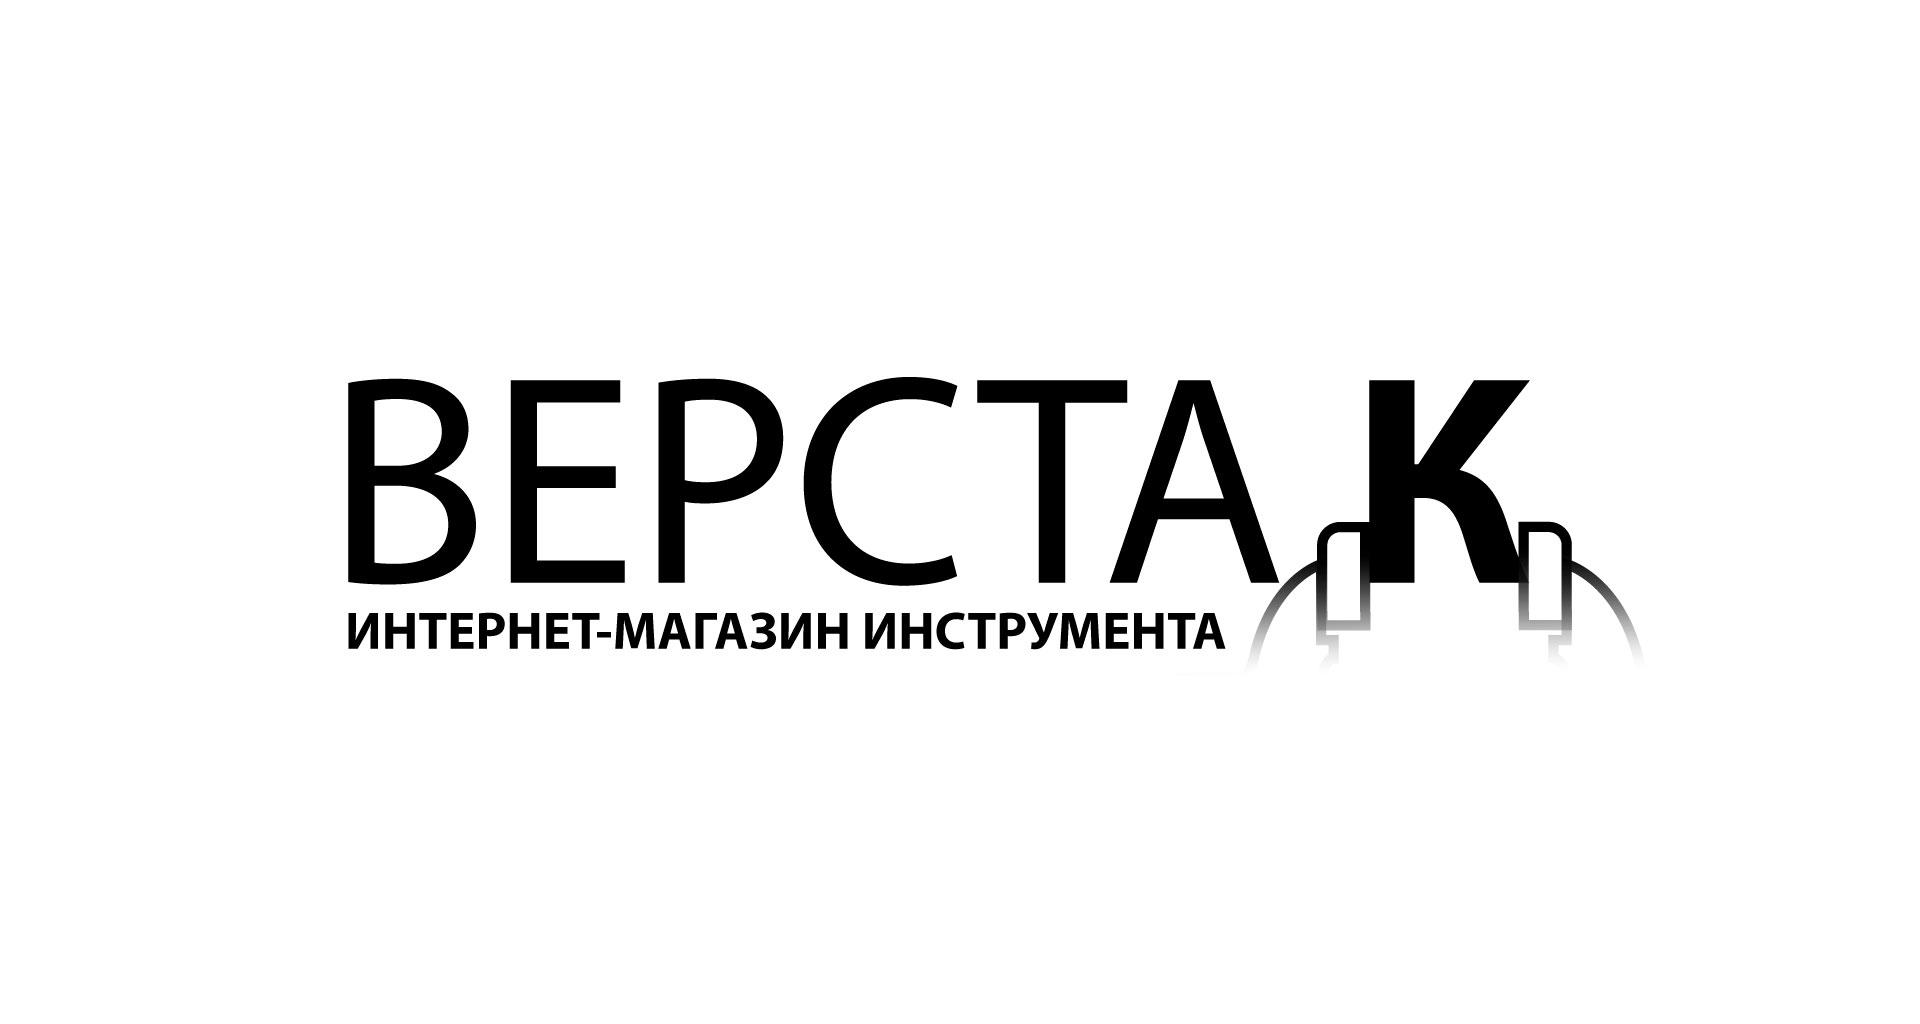 Логотип магазина бензо, электро, ручного инструмента фото f_8285a0c4e24f119a.jpg